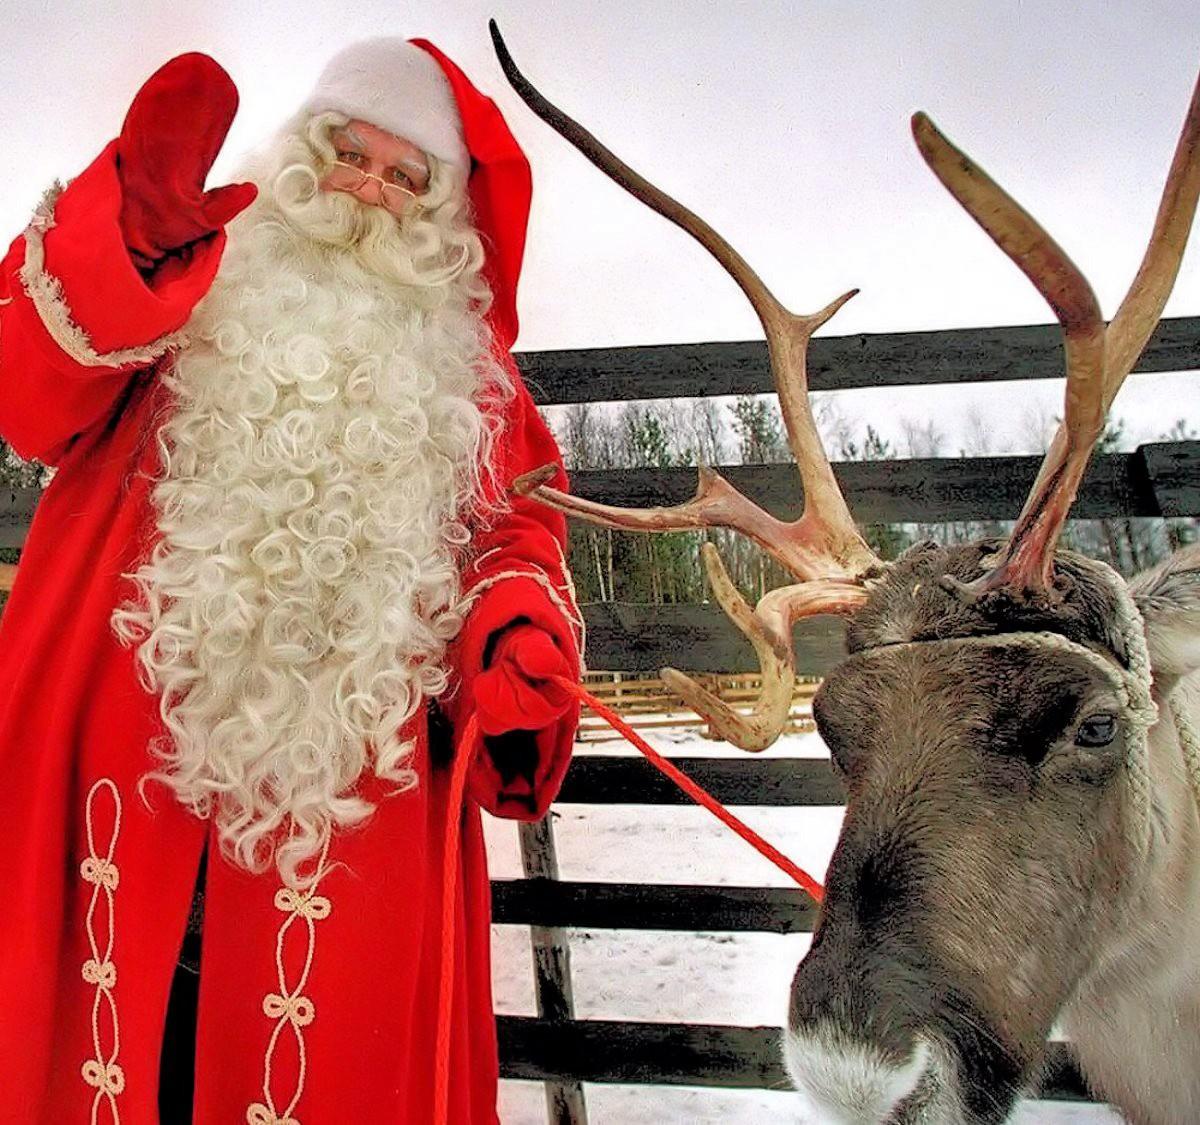 00e christmas. Julenisse. Lapland. santa claus. 25.12.12